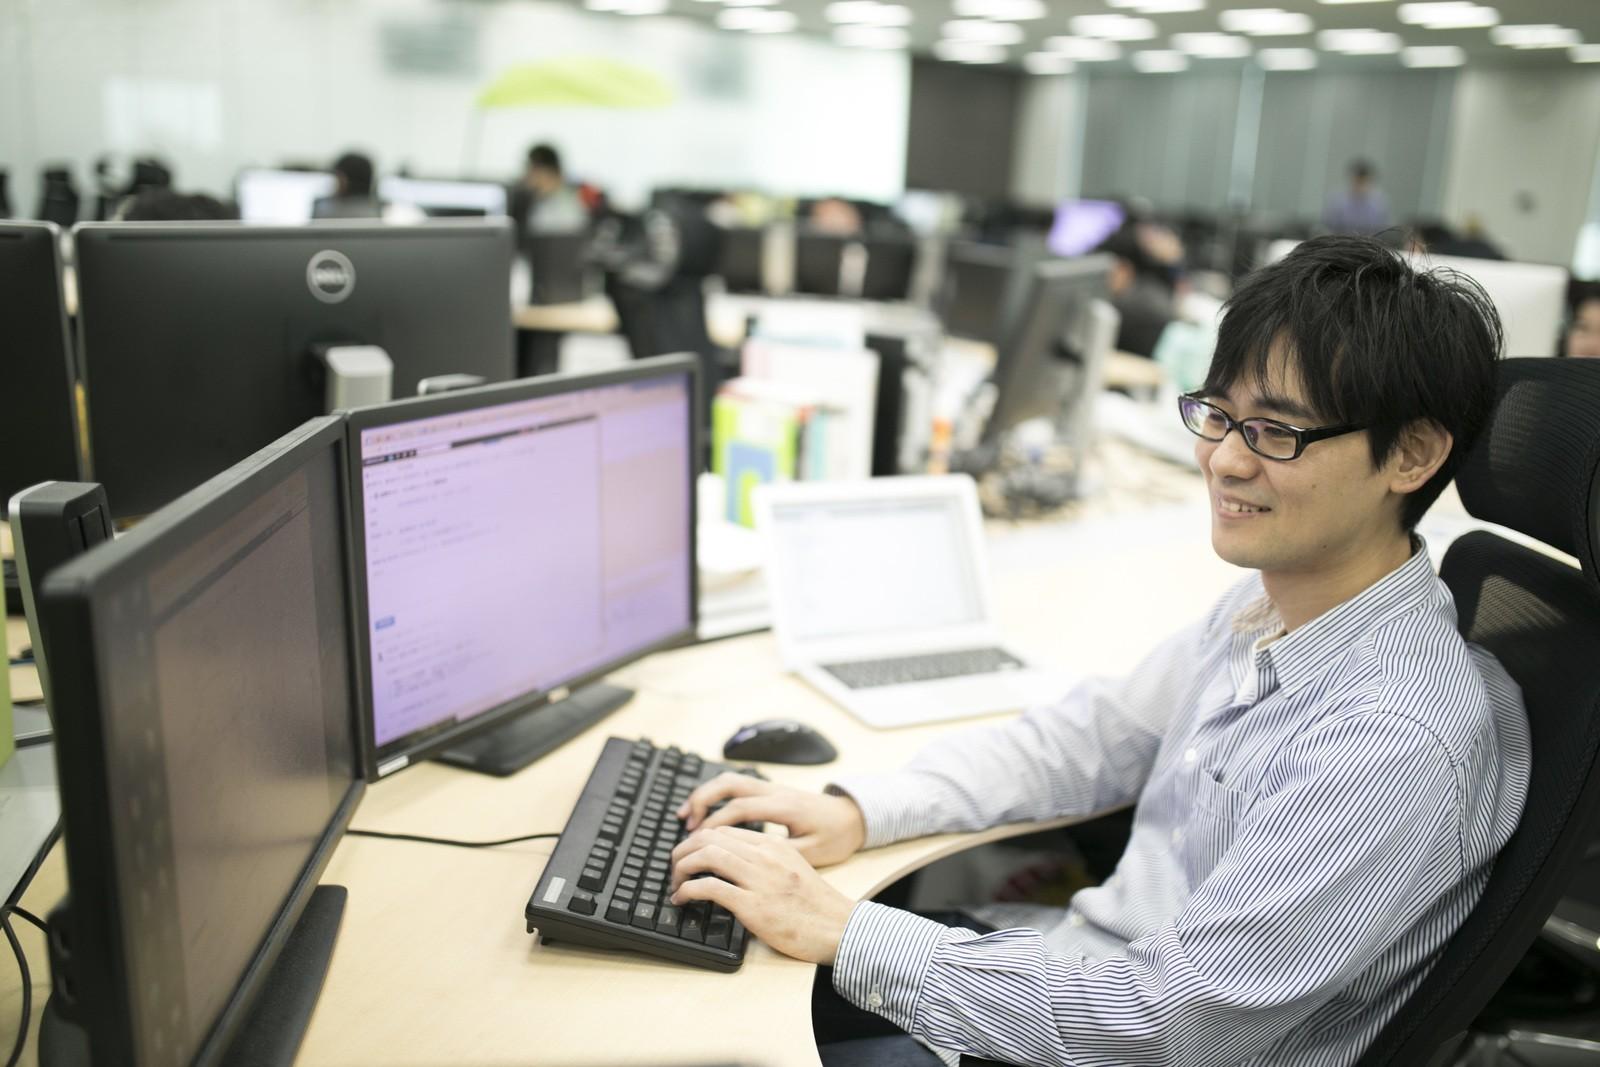 サイボウズのクラウドサービスのインフラを開発するSREメンバーを募集!